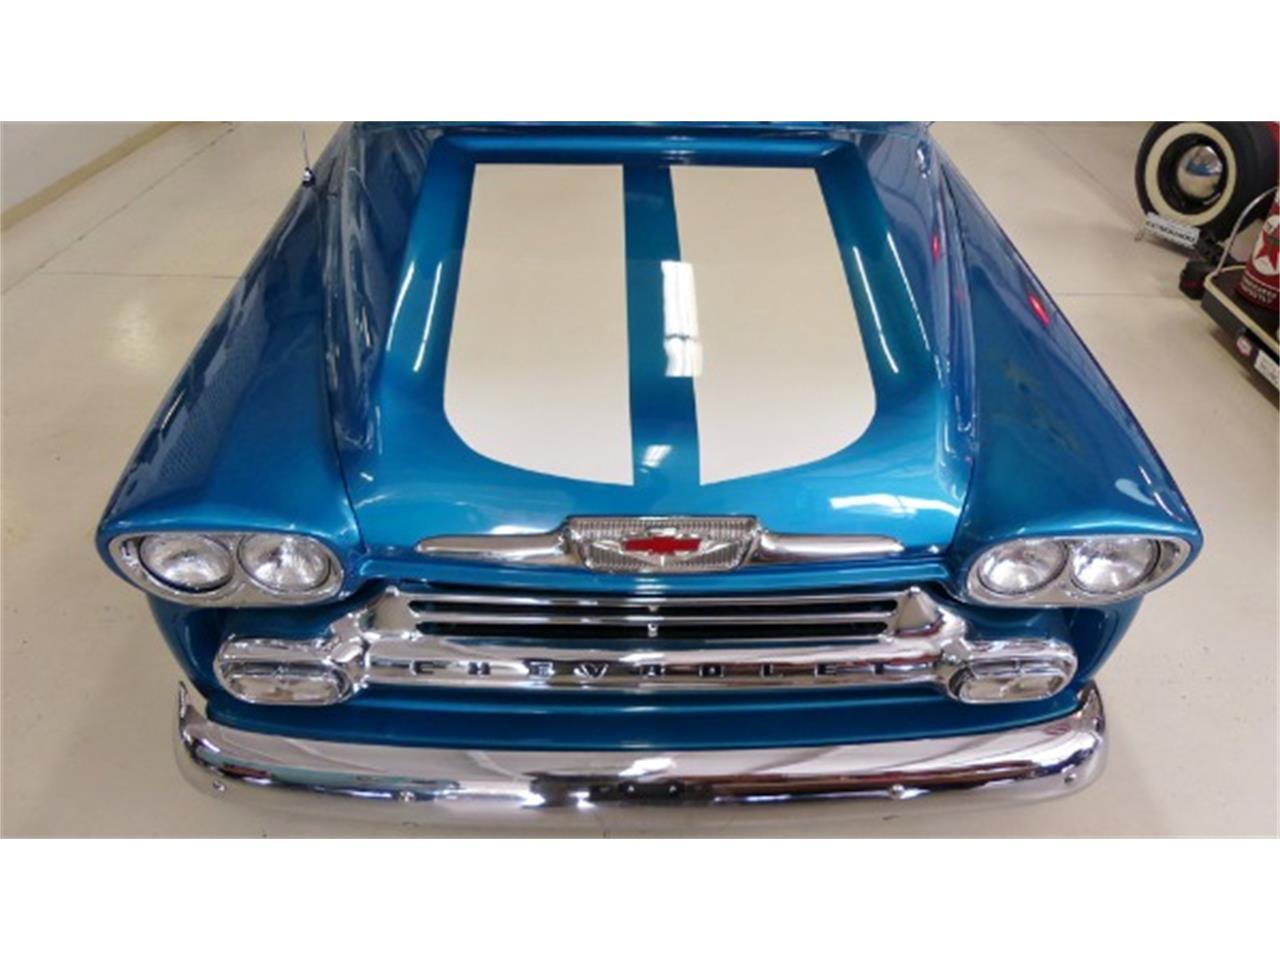 Large Picture of 1958 Chevrolet Apache - $29,995.00 - QZOB